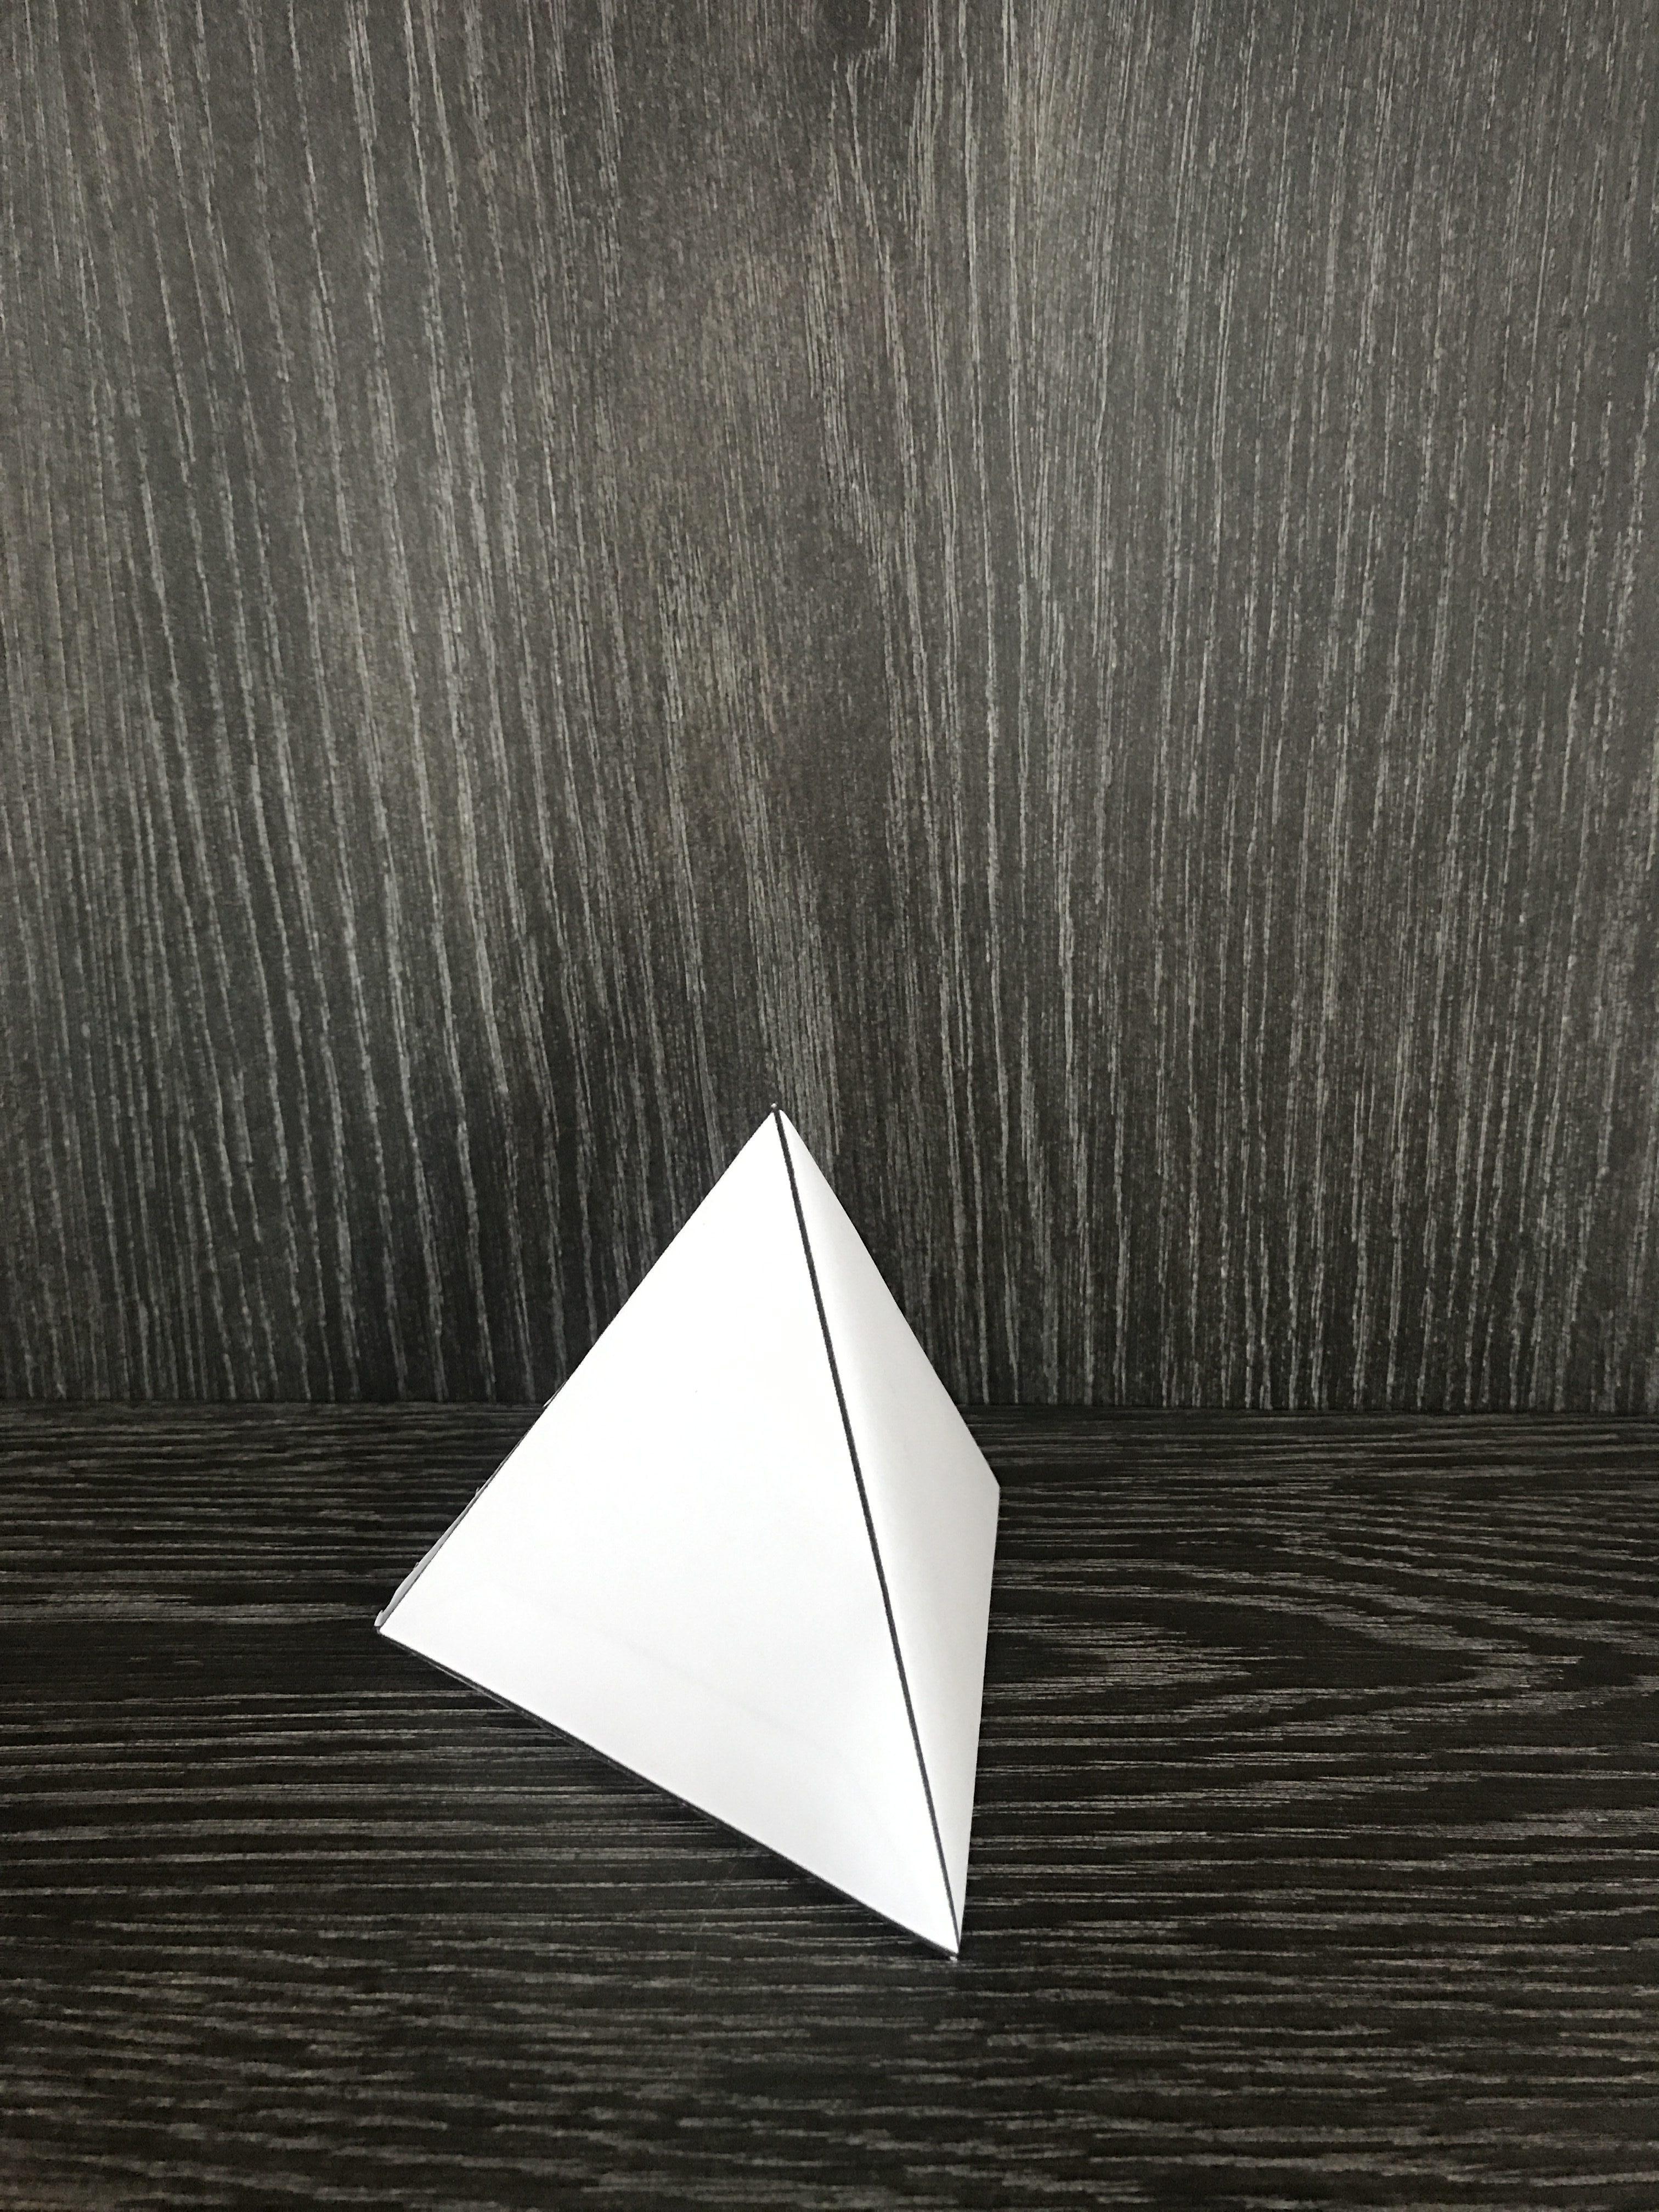 Assignment #7- 3D paper folding